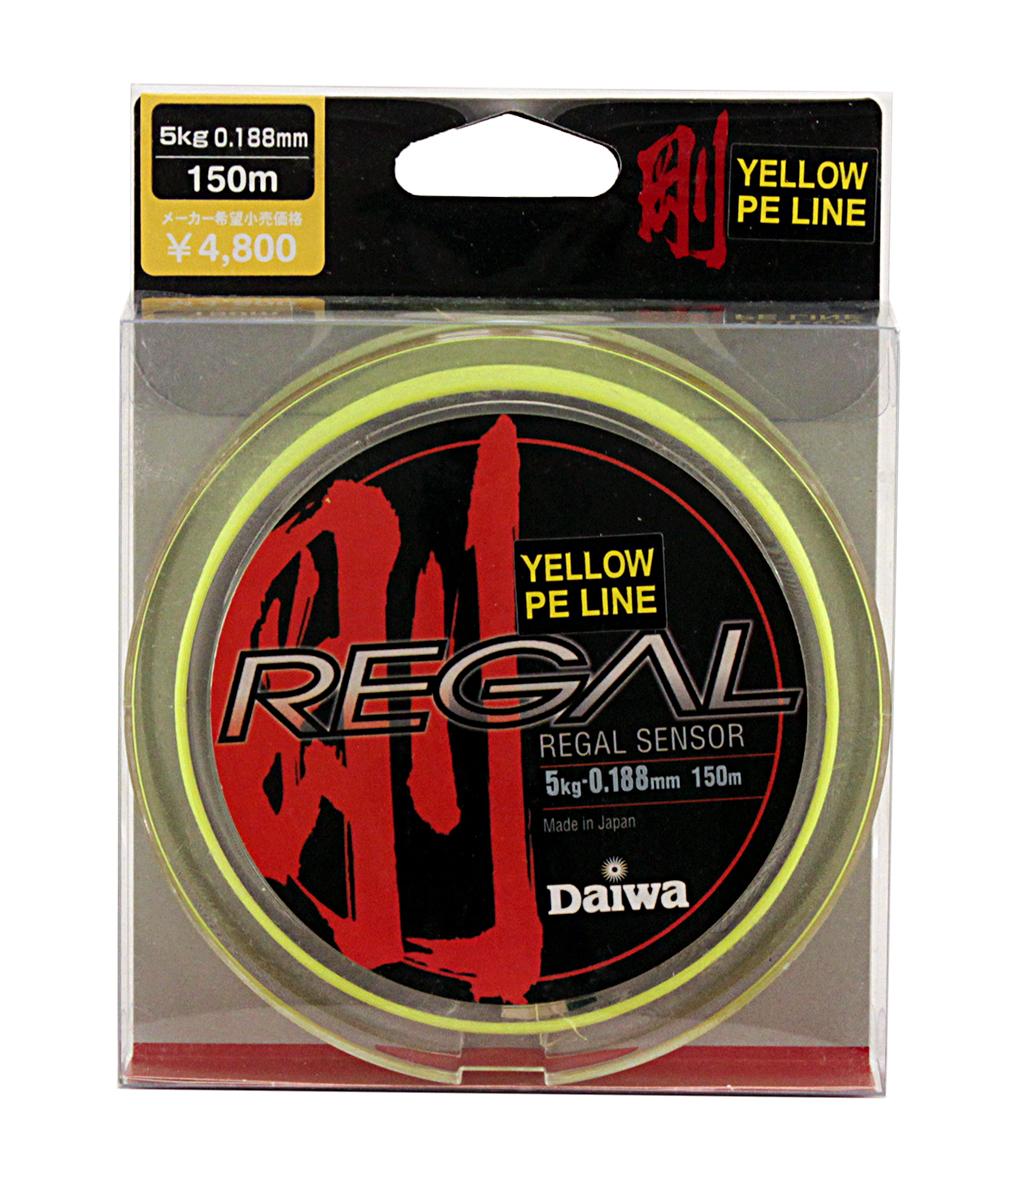 Леска плетеная Daiwa Regal Sensor - Y, 0,188 мм, цвет: желтый, 150 м0023037Материал Super PEВыполнена в черном цветеМенее эластичная для достижения большейчувствительностиБез памятиСпособность выдерживать большие разрывные нагрузки позволяет выбирать более тонкий диаметр лески, что увеличивает чувствительность и дальность забросаМодельный ряд пополнился желтой и зеленойрасцветкой.